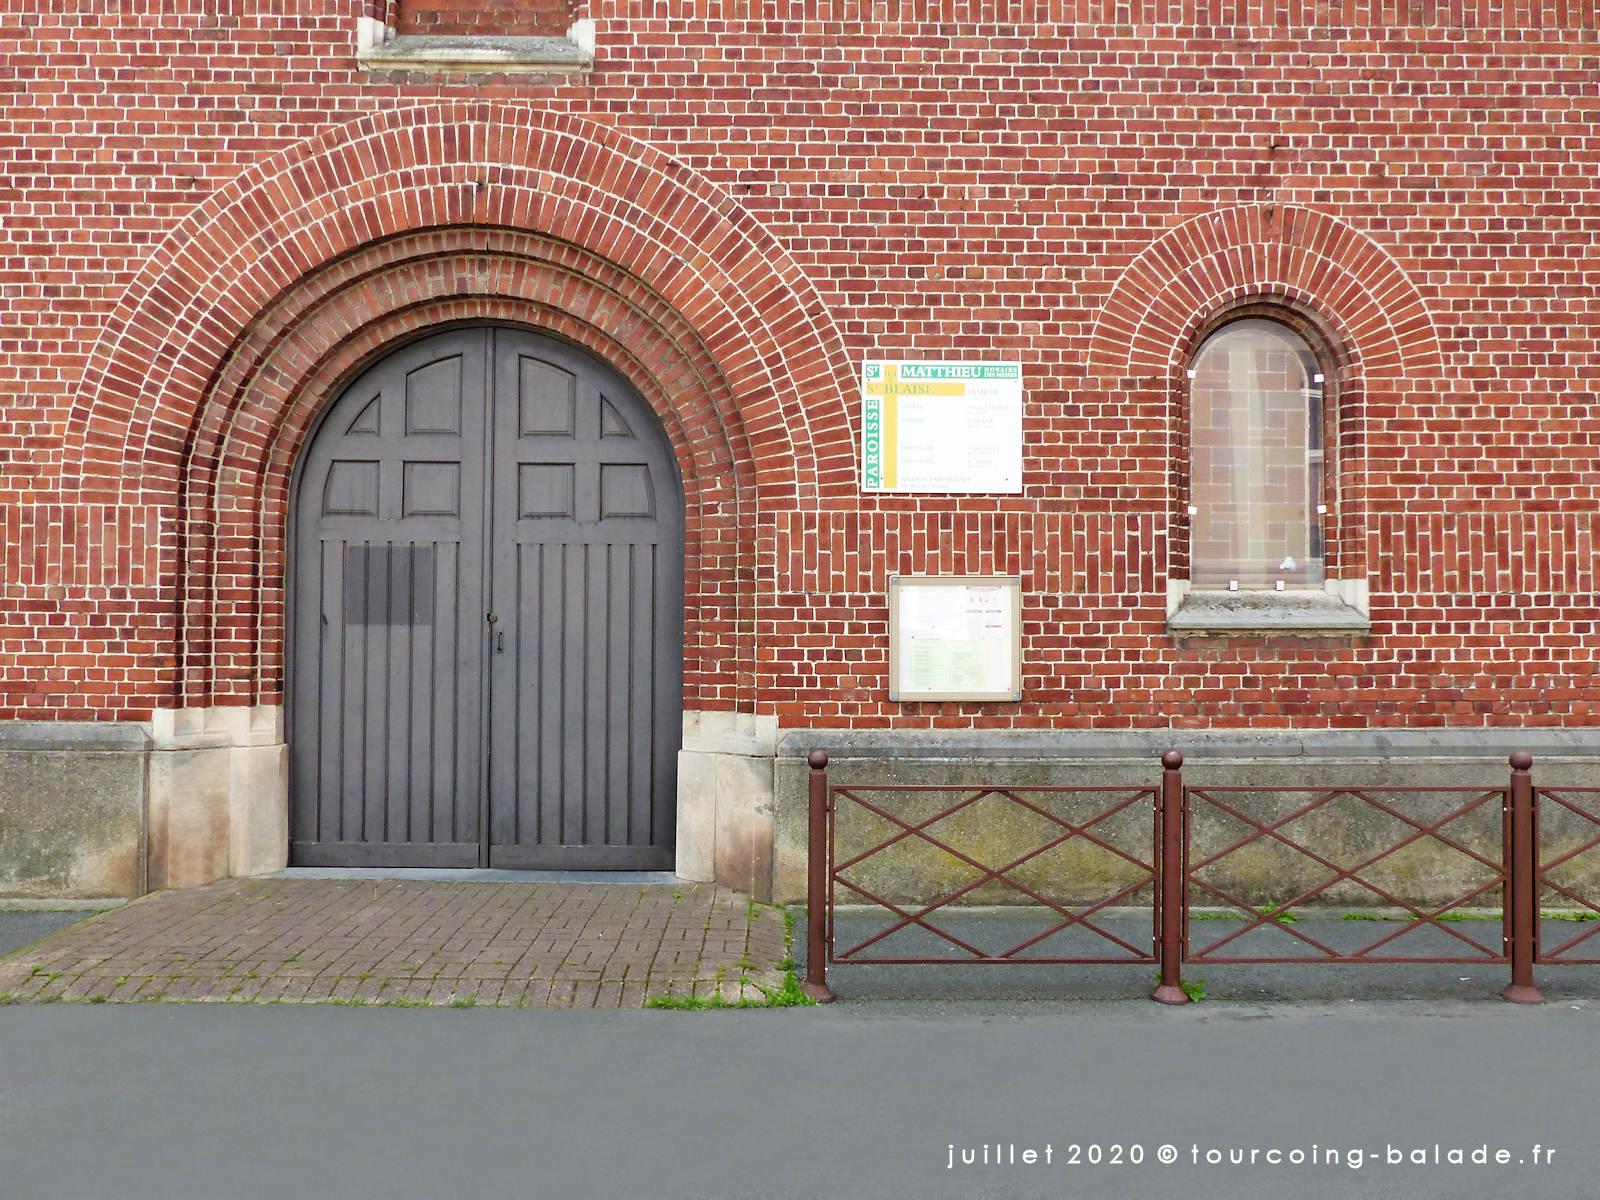 Entrée de l'église Saint Blaise, Tourcoing 2020